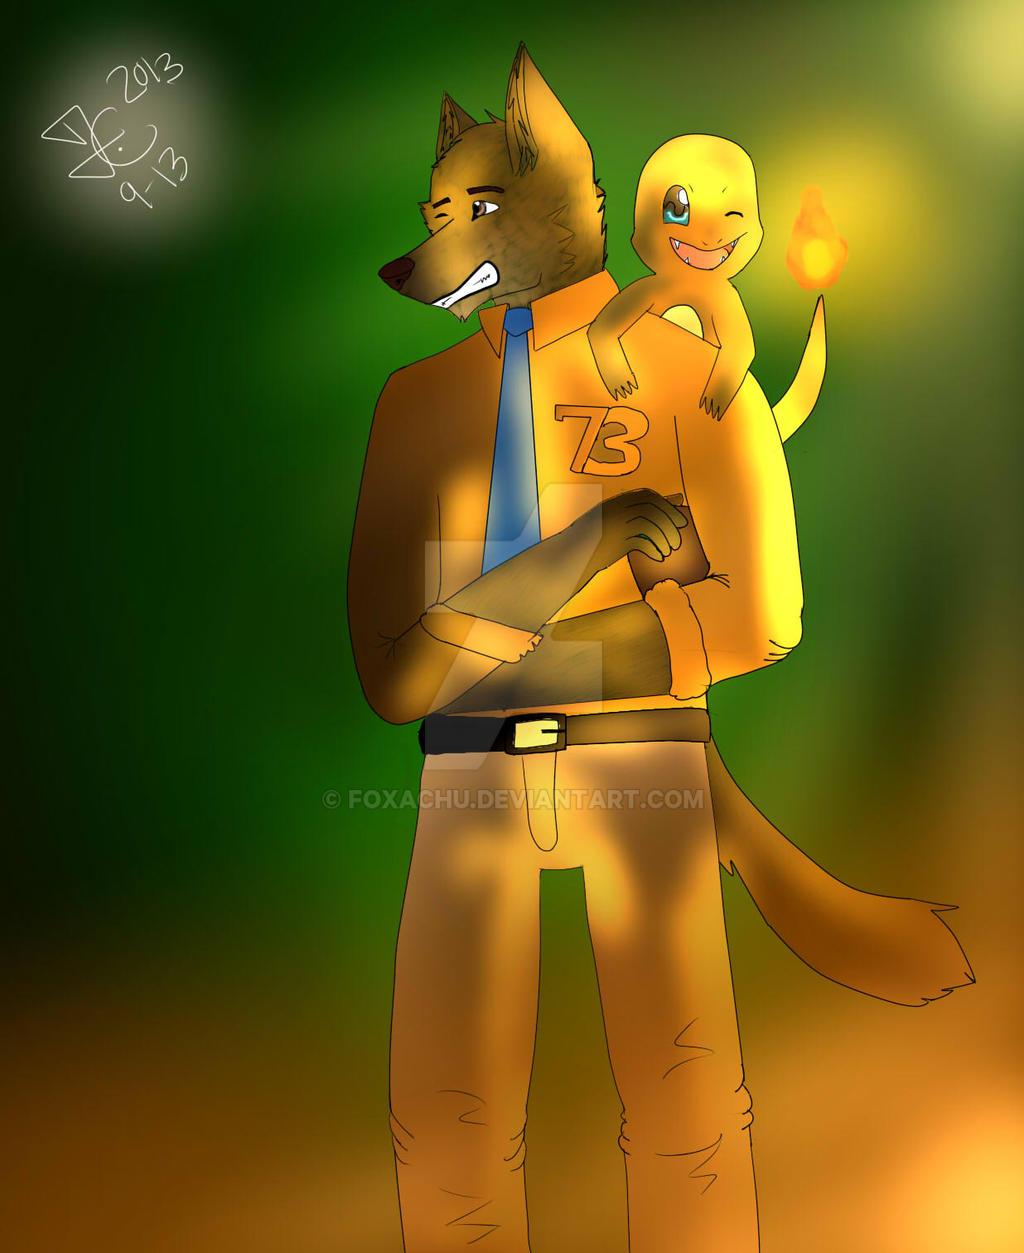 Gift by Foxachu